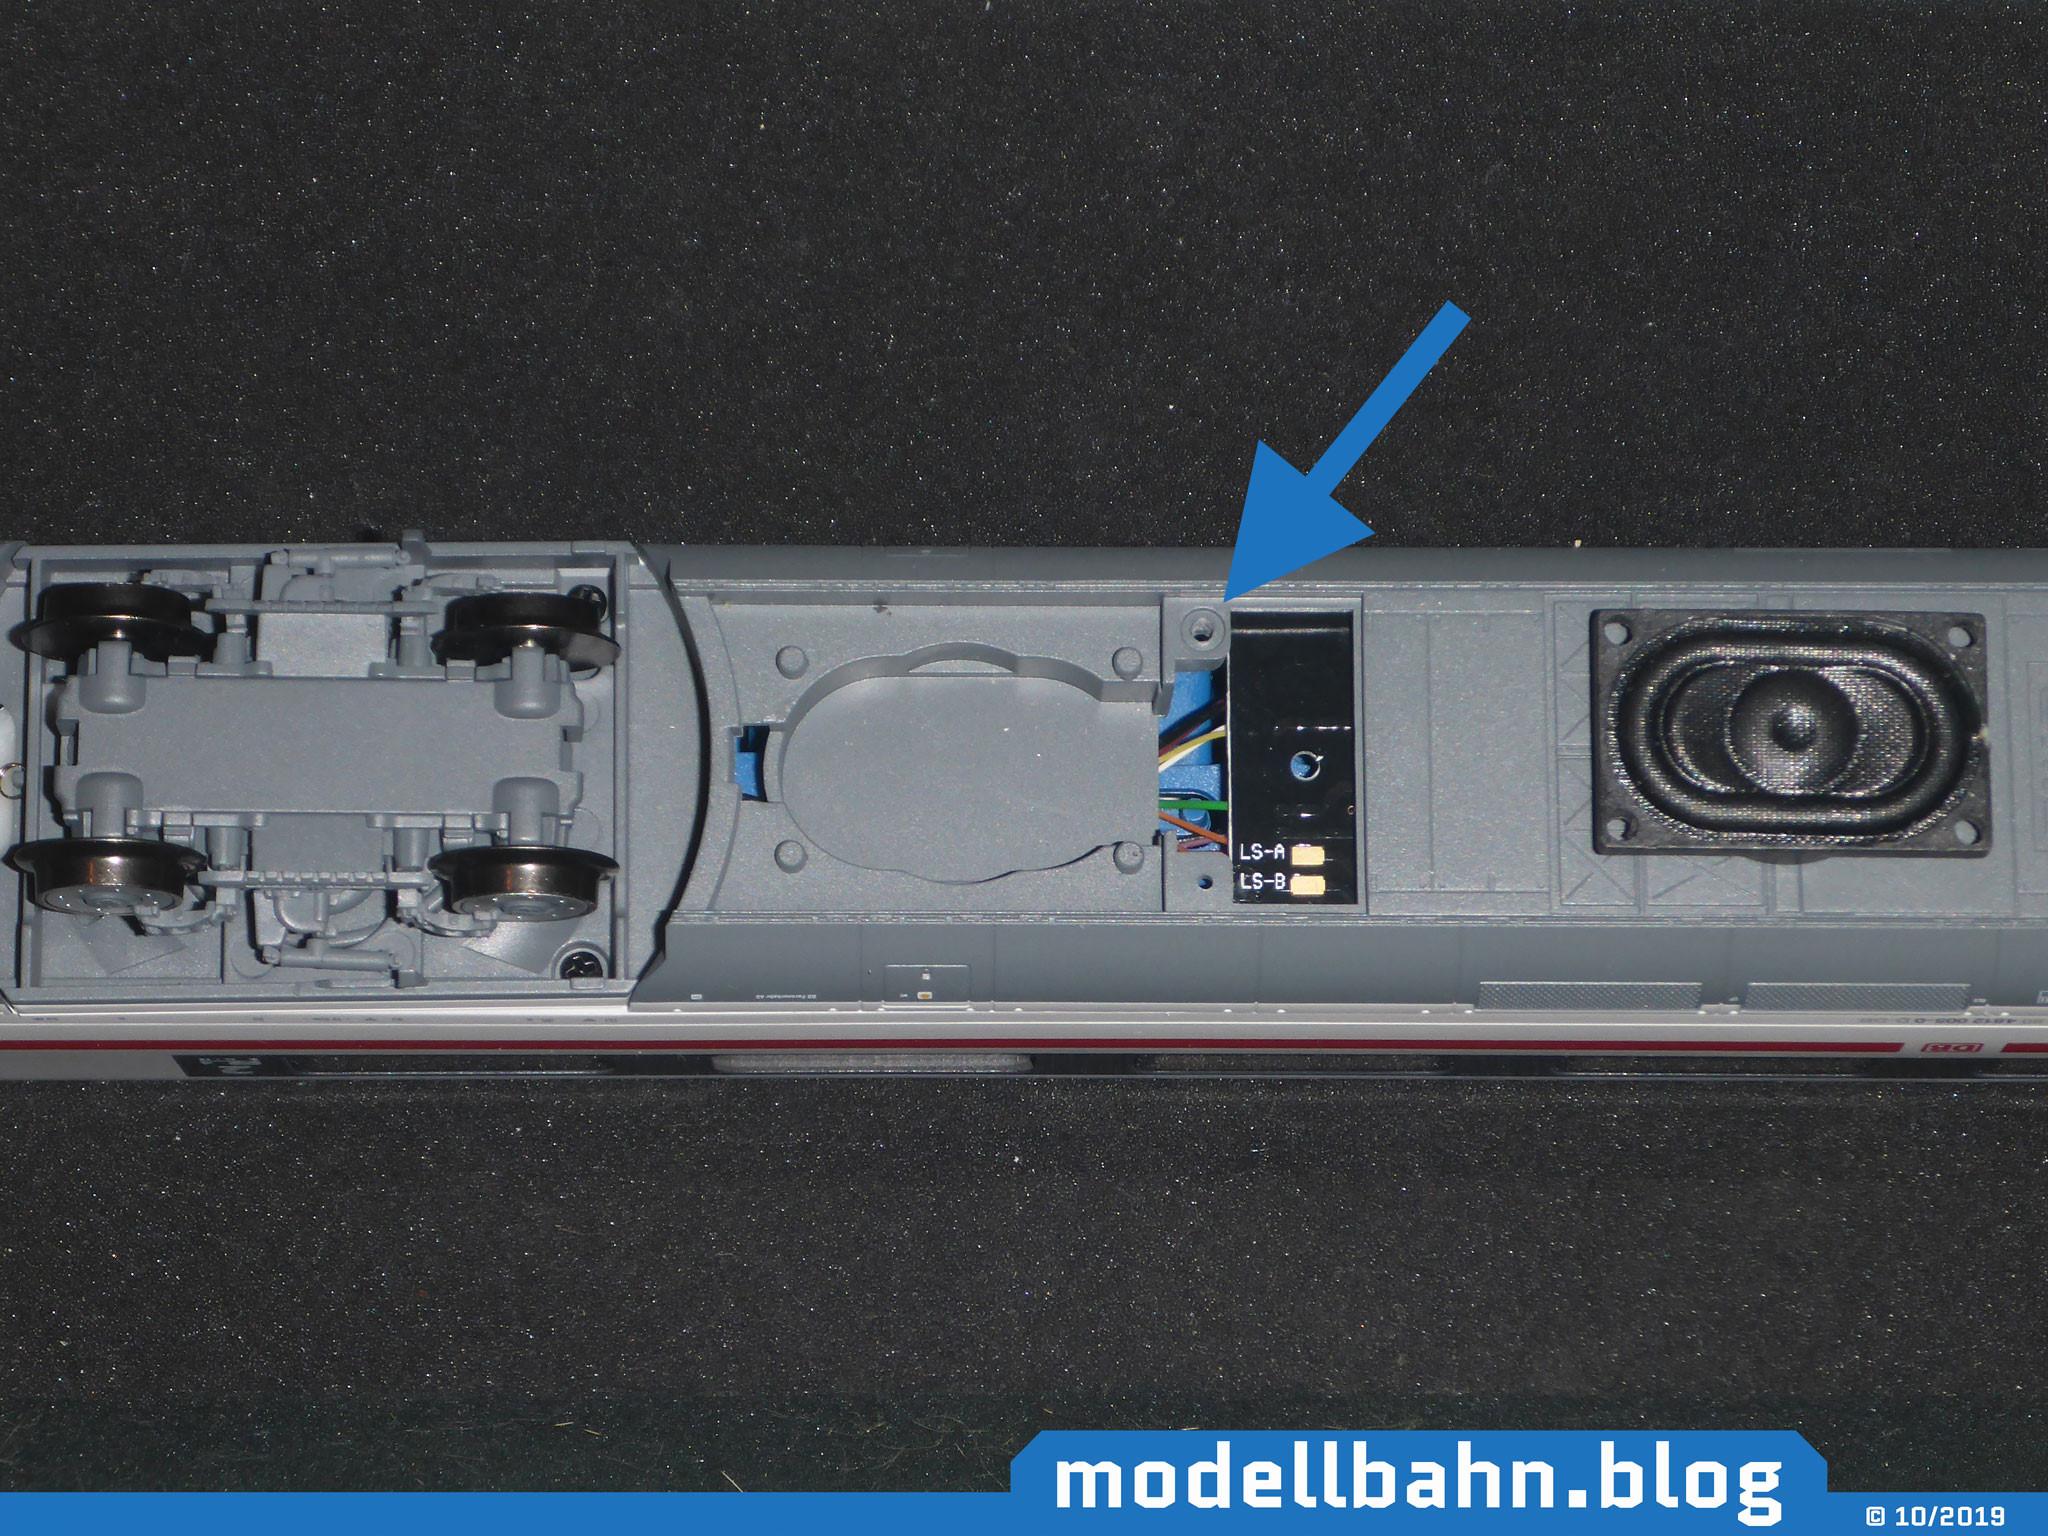 Unterboden des Piko 58593 - ICE4 Ergänzungswagen mit offenem Fach für den Lautsprecher